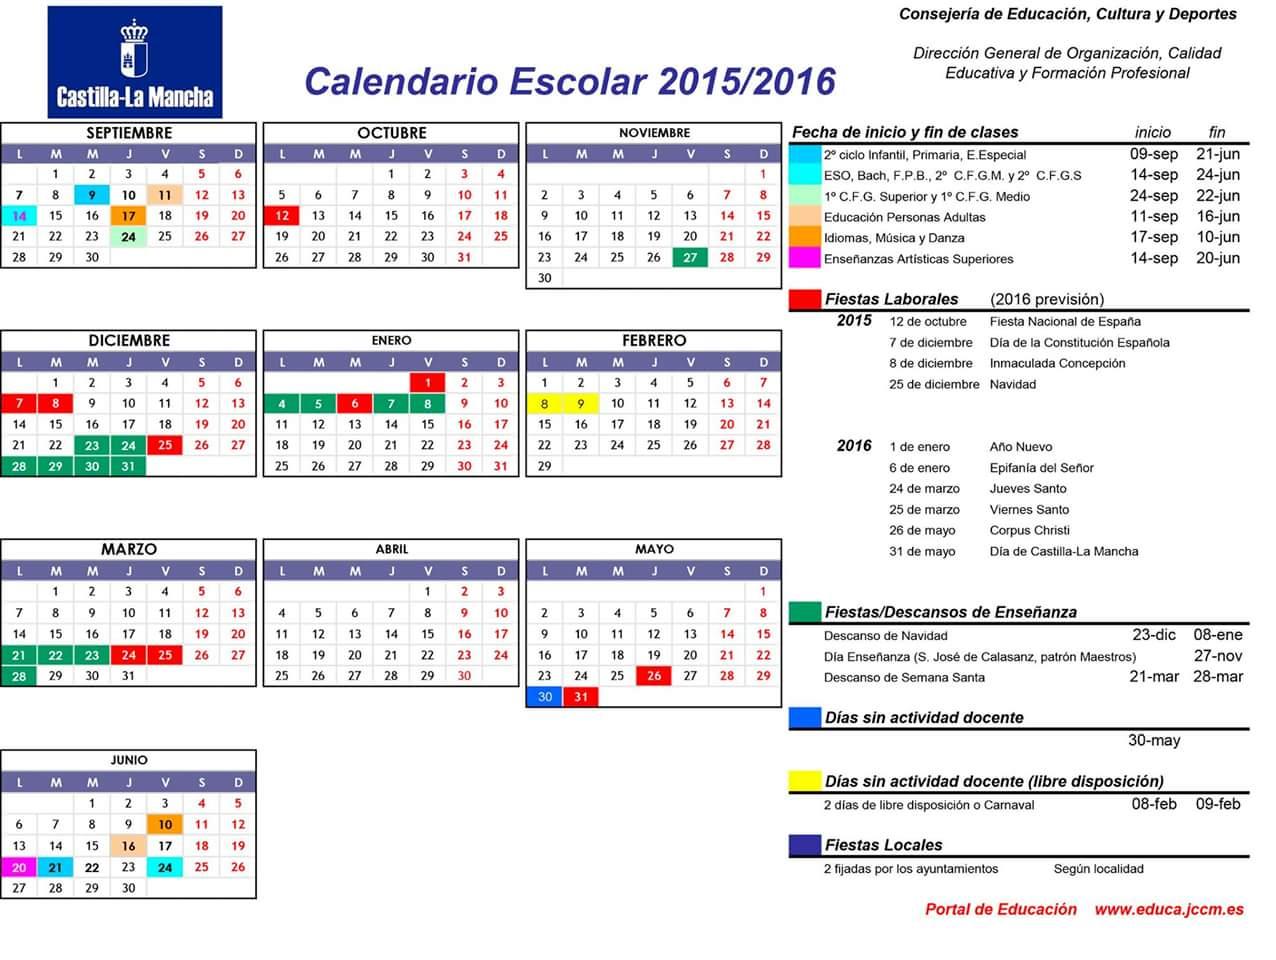 CALENDARIO ESCOLAR 2015/16 CLM